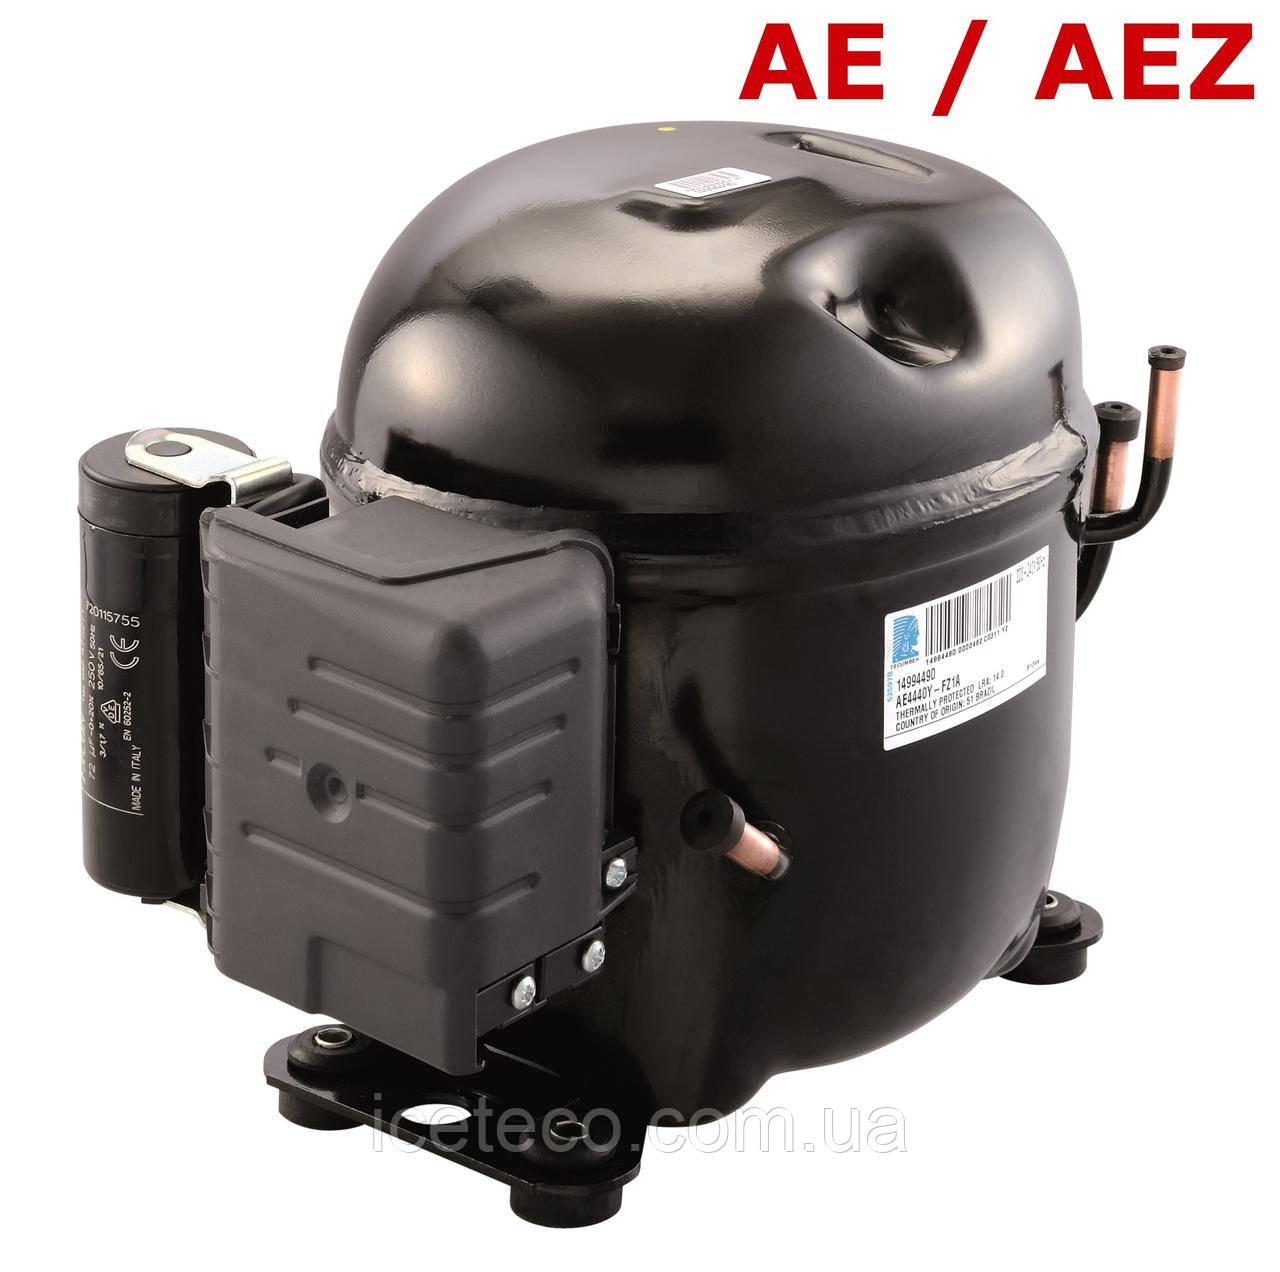 Герметичный поршневой компрессор AE4425Y Tecumseh